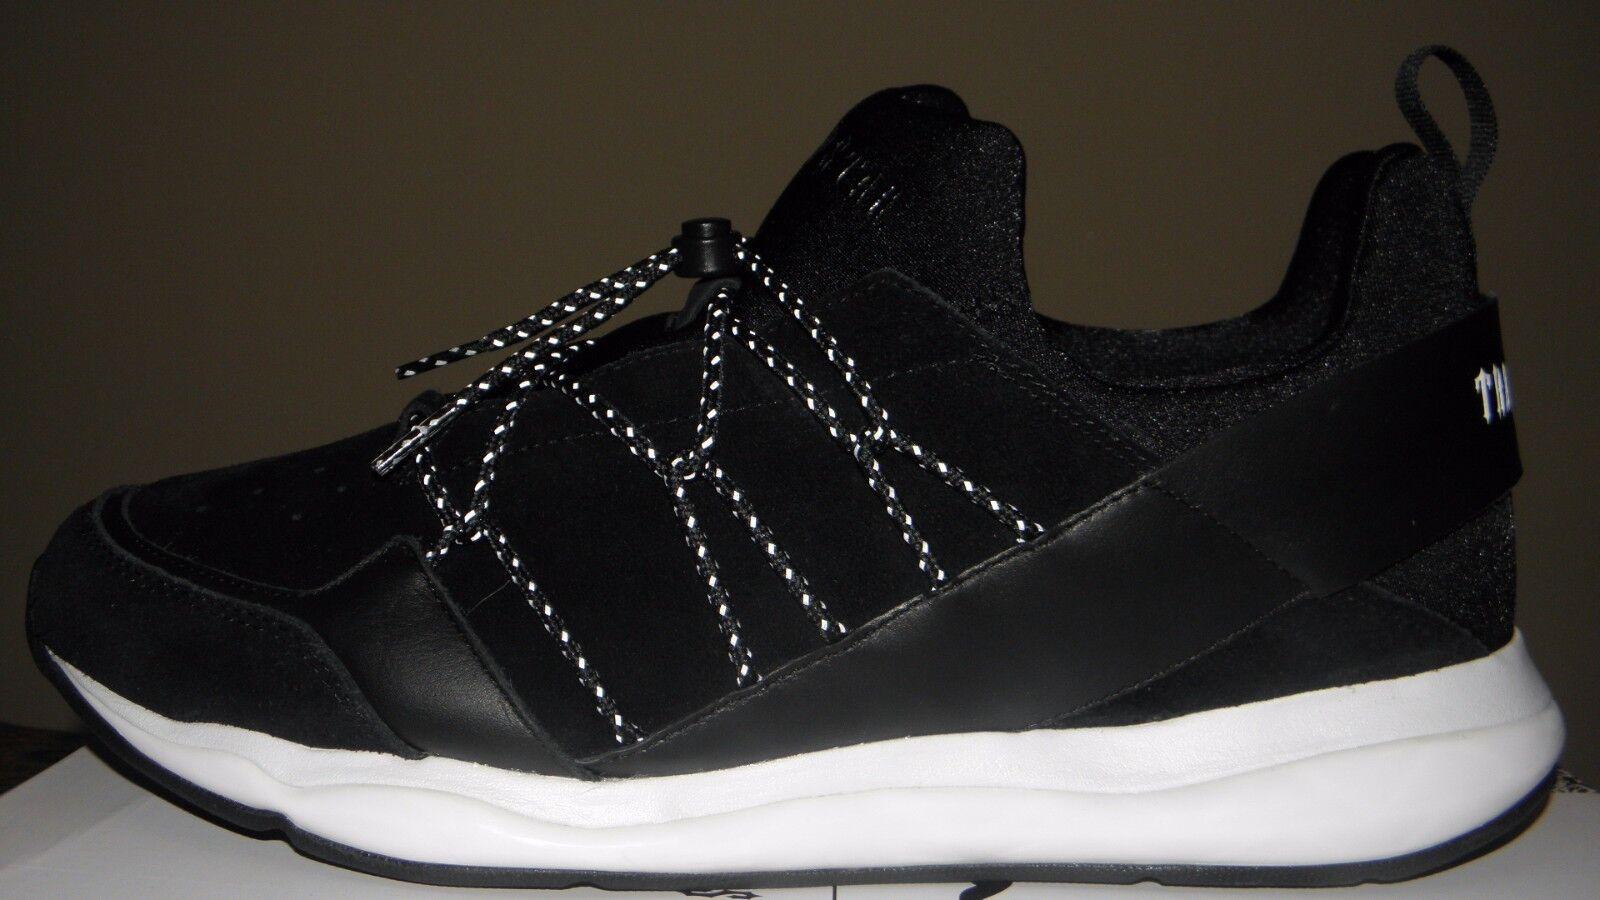 Brand new puma cellulare bolla x trapstar limitate dimensioni bape 13 scarpe 361501 01